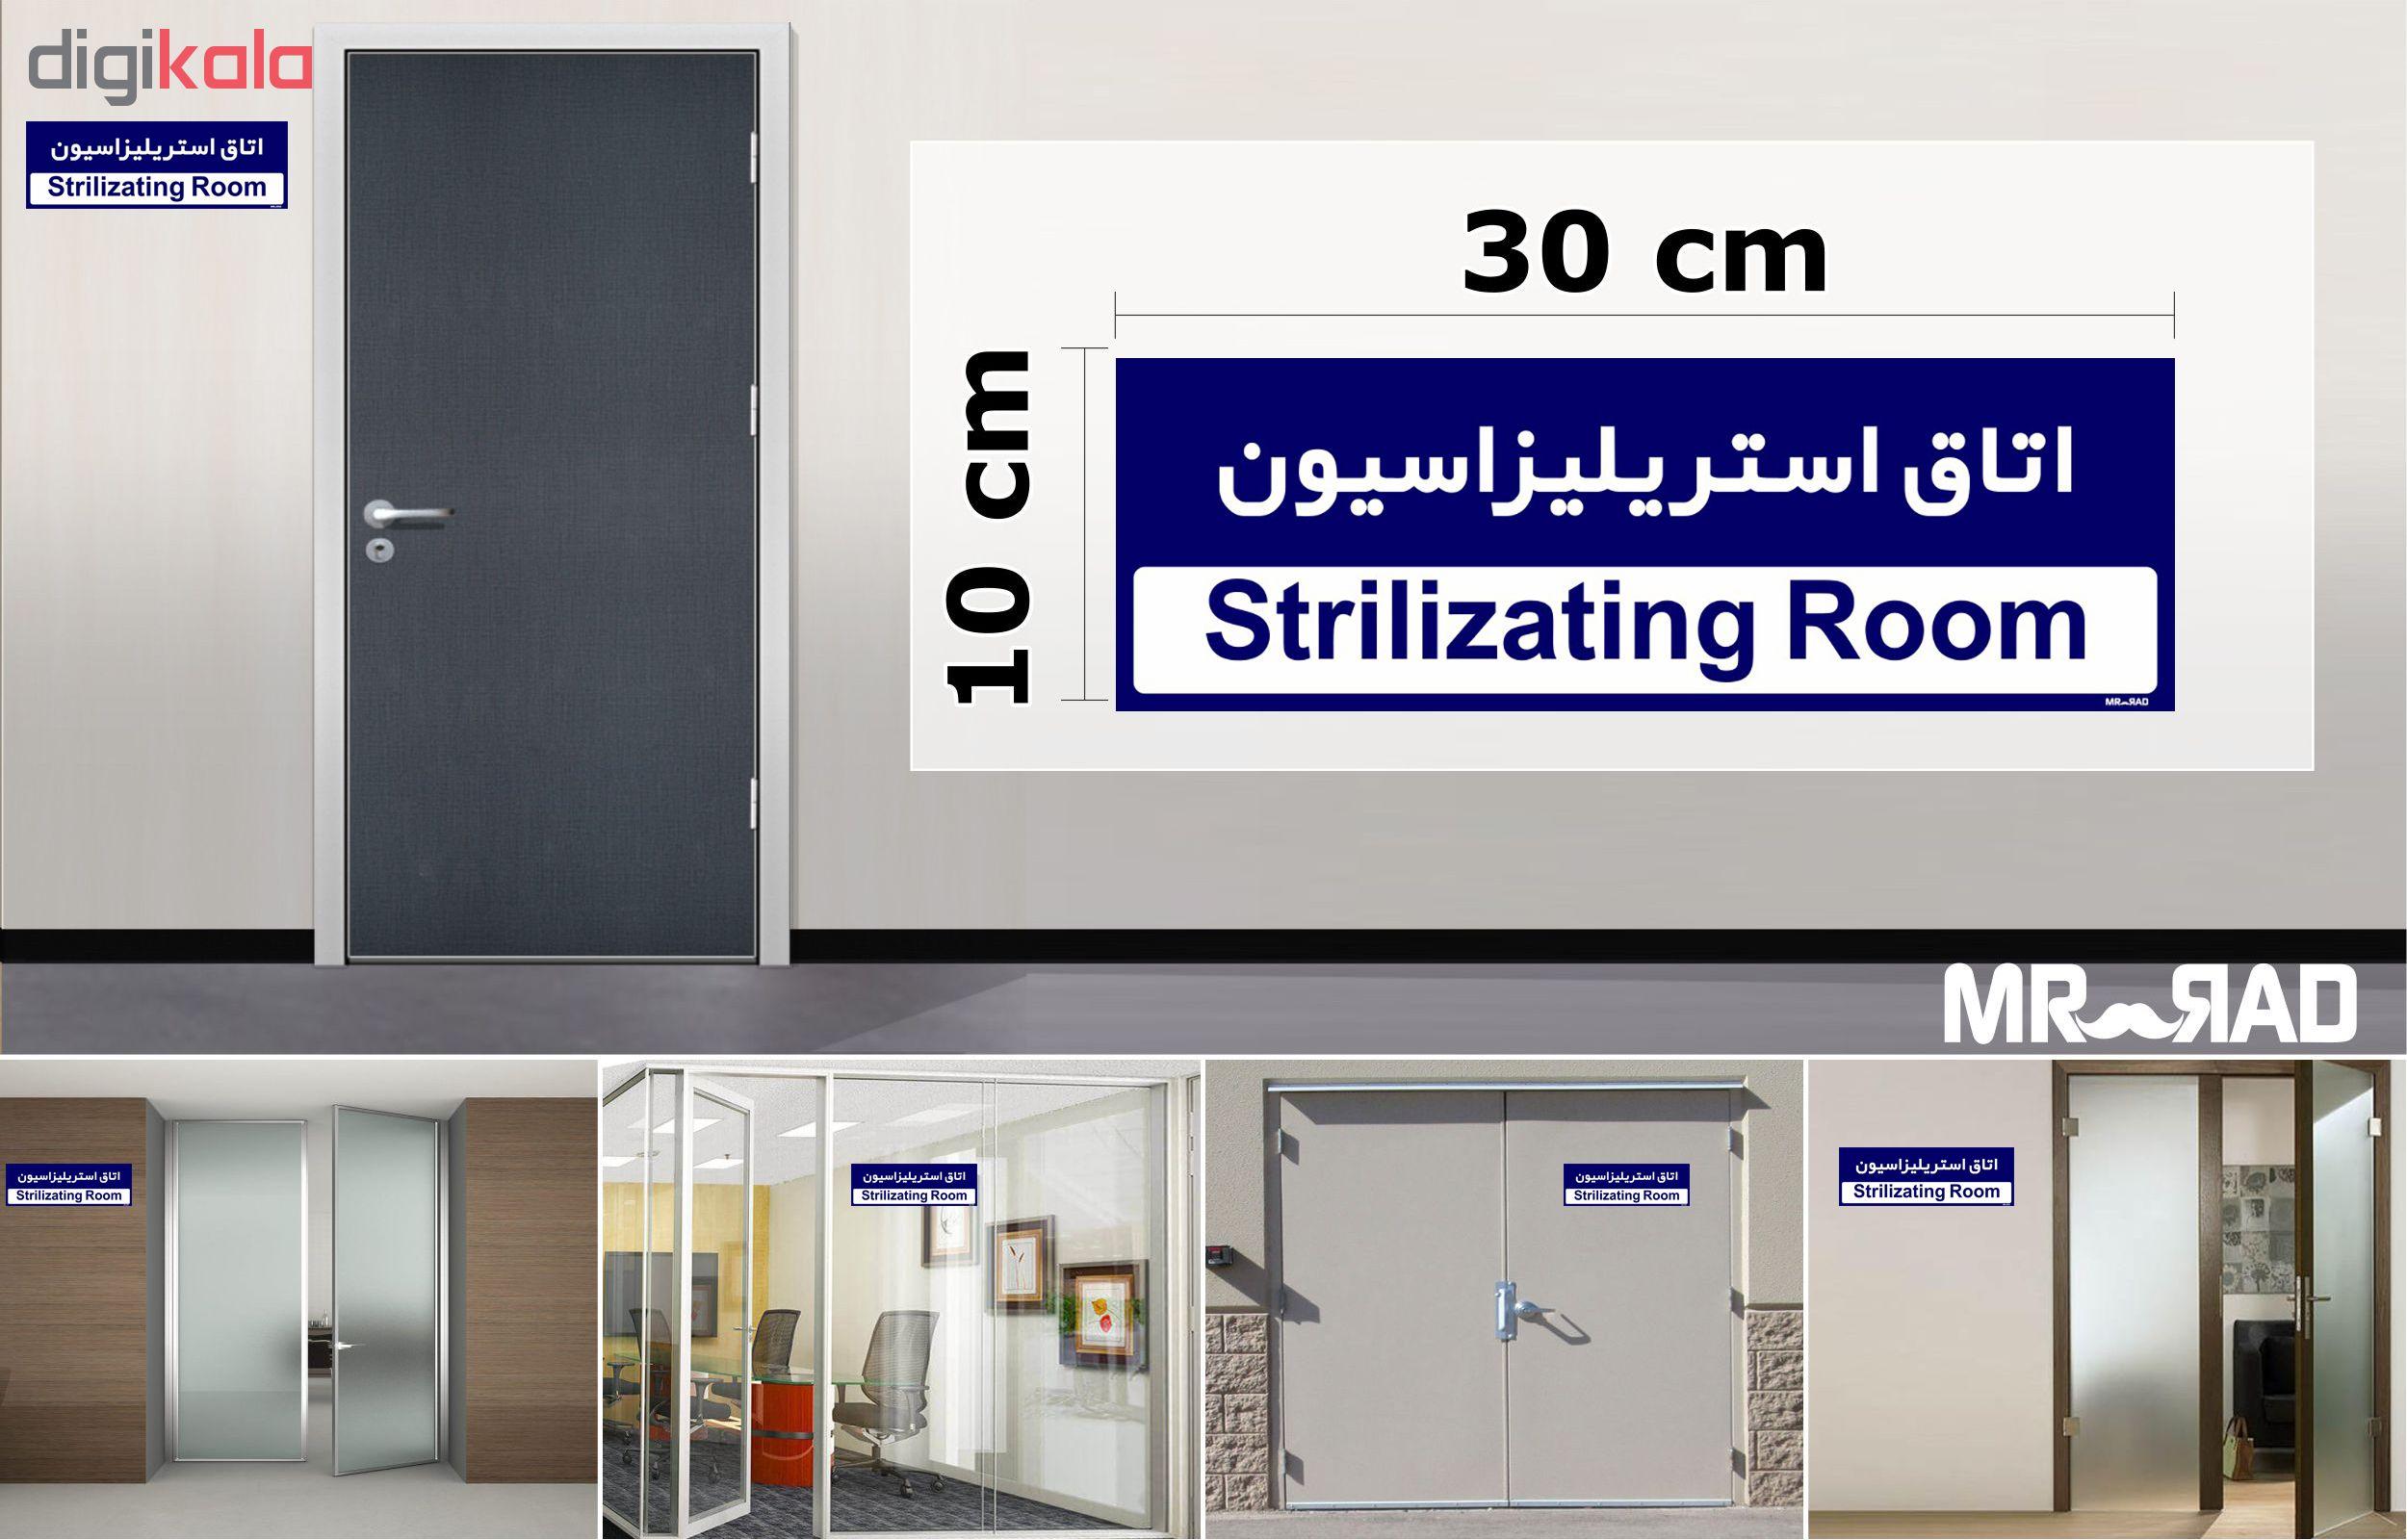 تابلو راهنمای اتاق  FG طرح اتاق استریلیزاسیون کدTHO0374